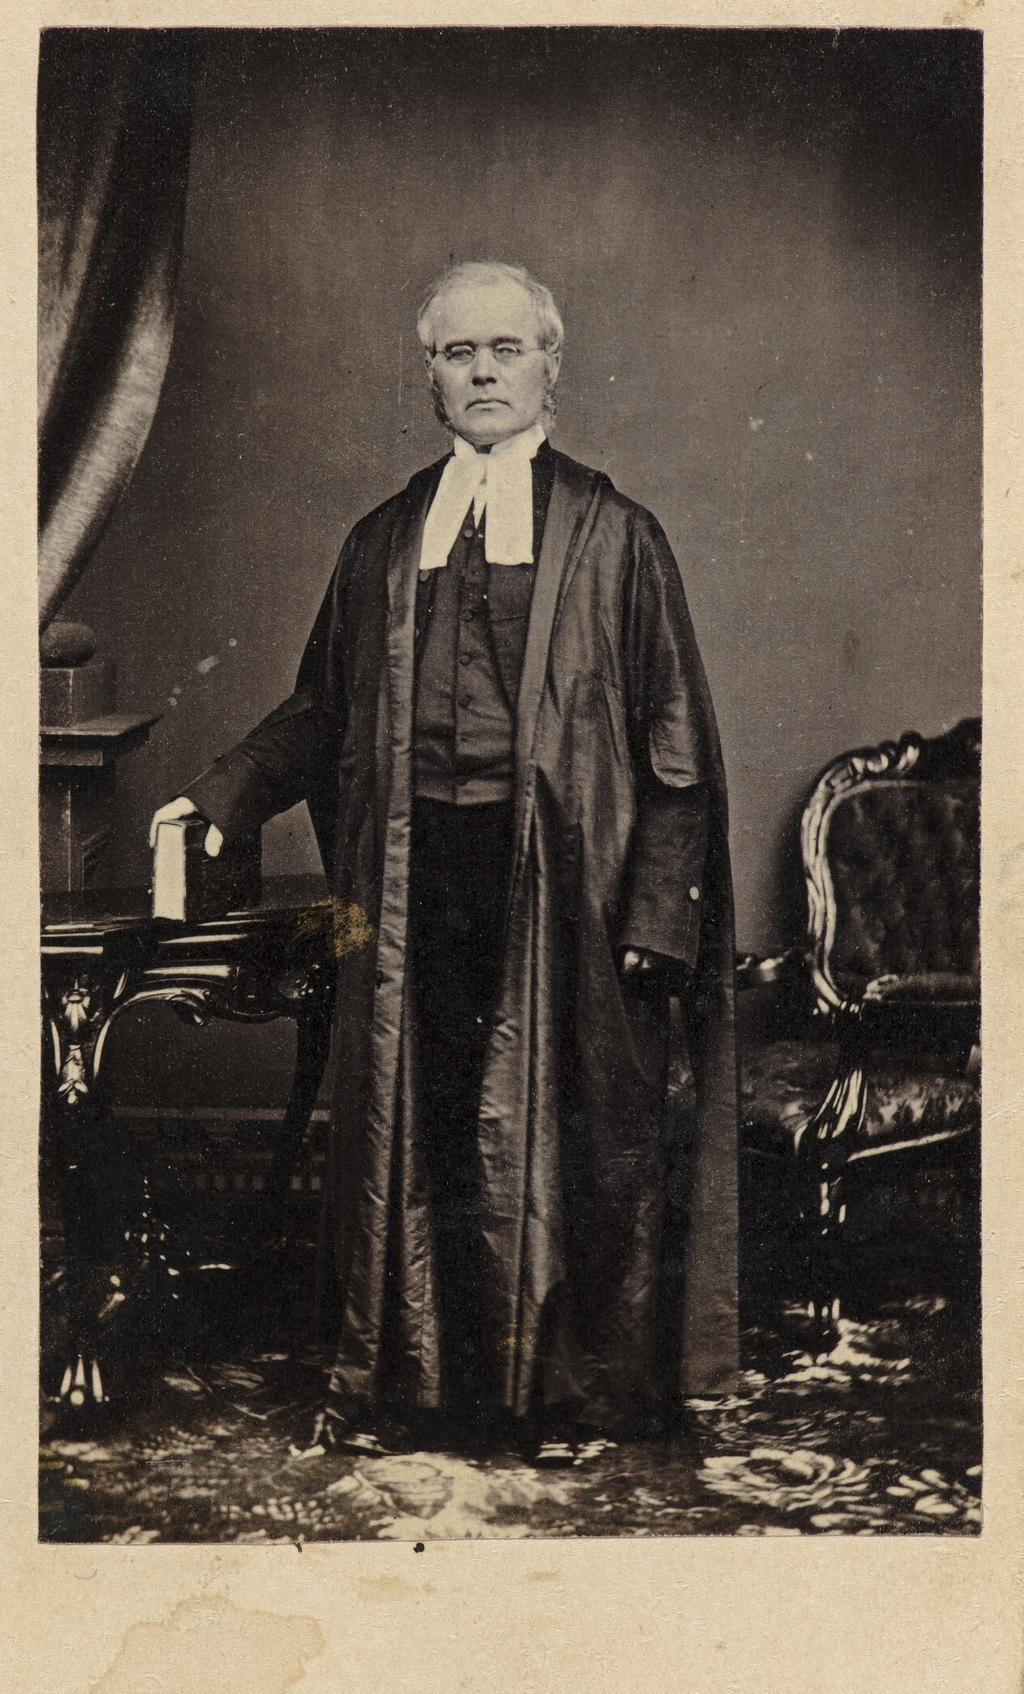 Le Juge John Maguire, de l'album de collection dit de Napoléon Garneau